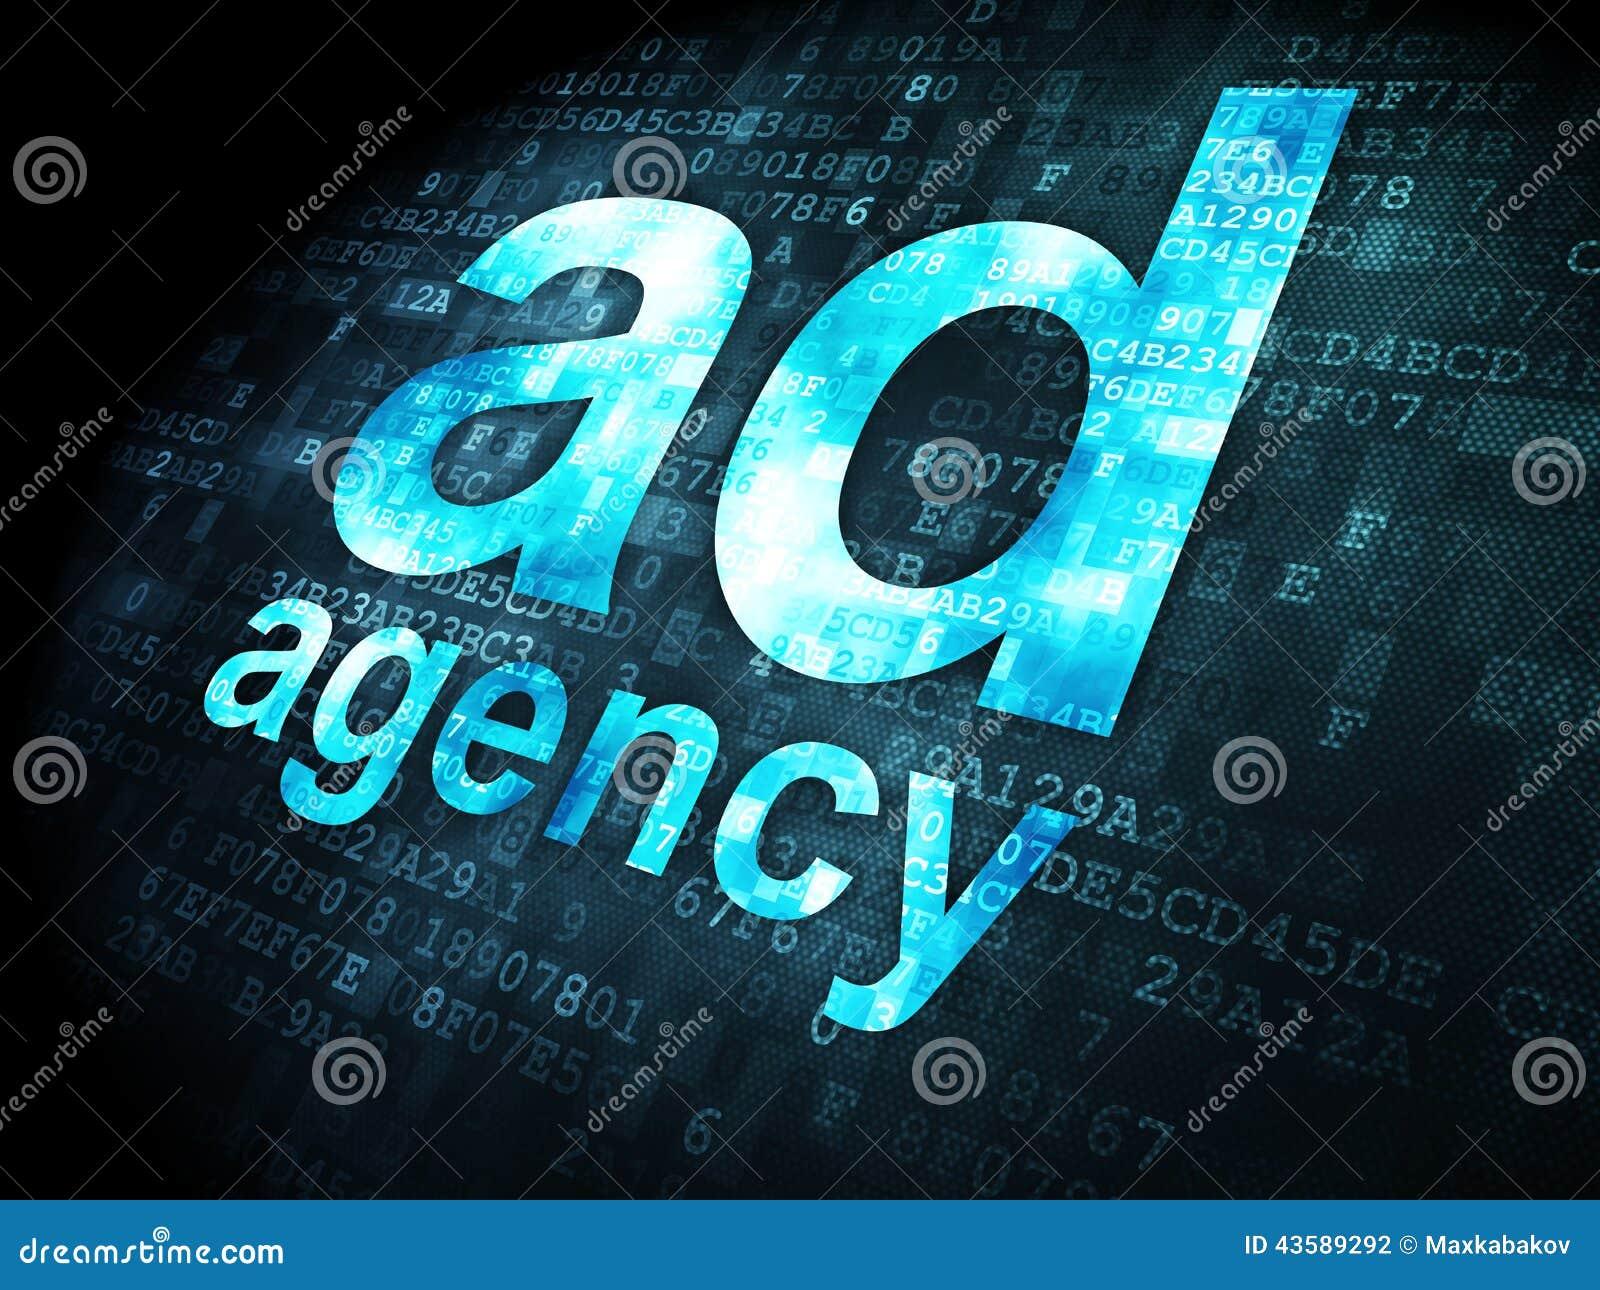 Advertizingbegrepp: Annonsbyrå på digitalt